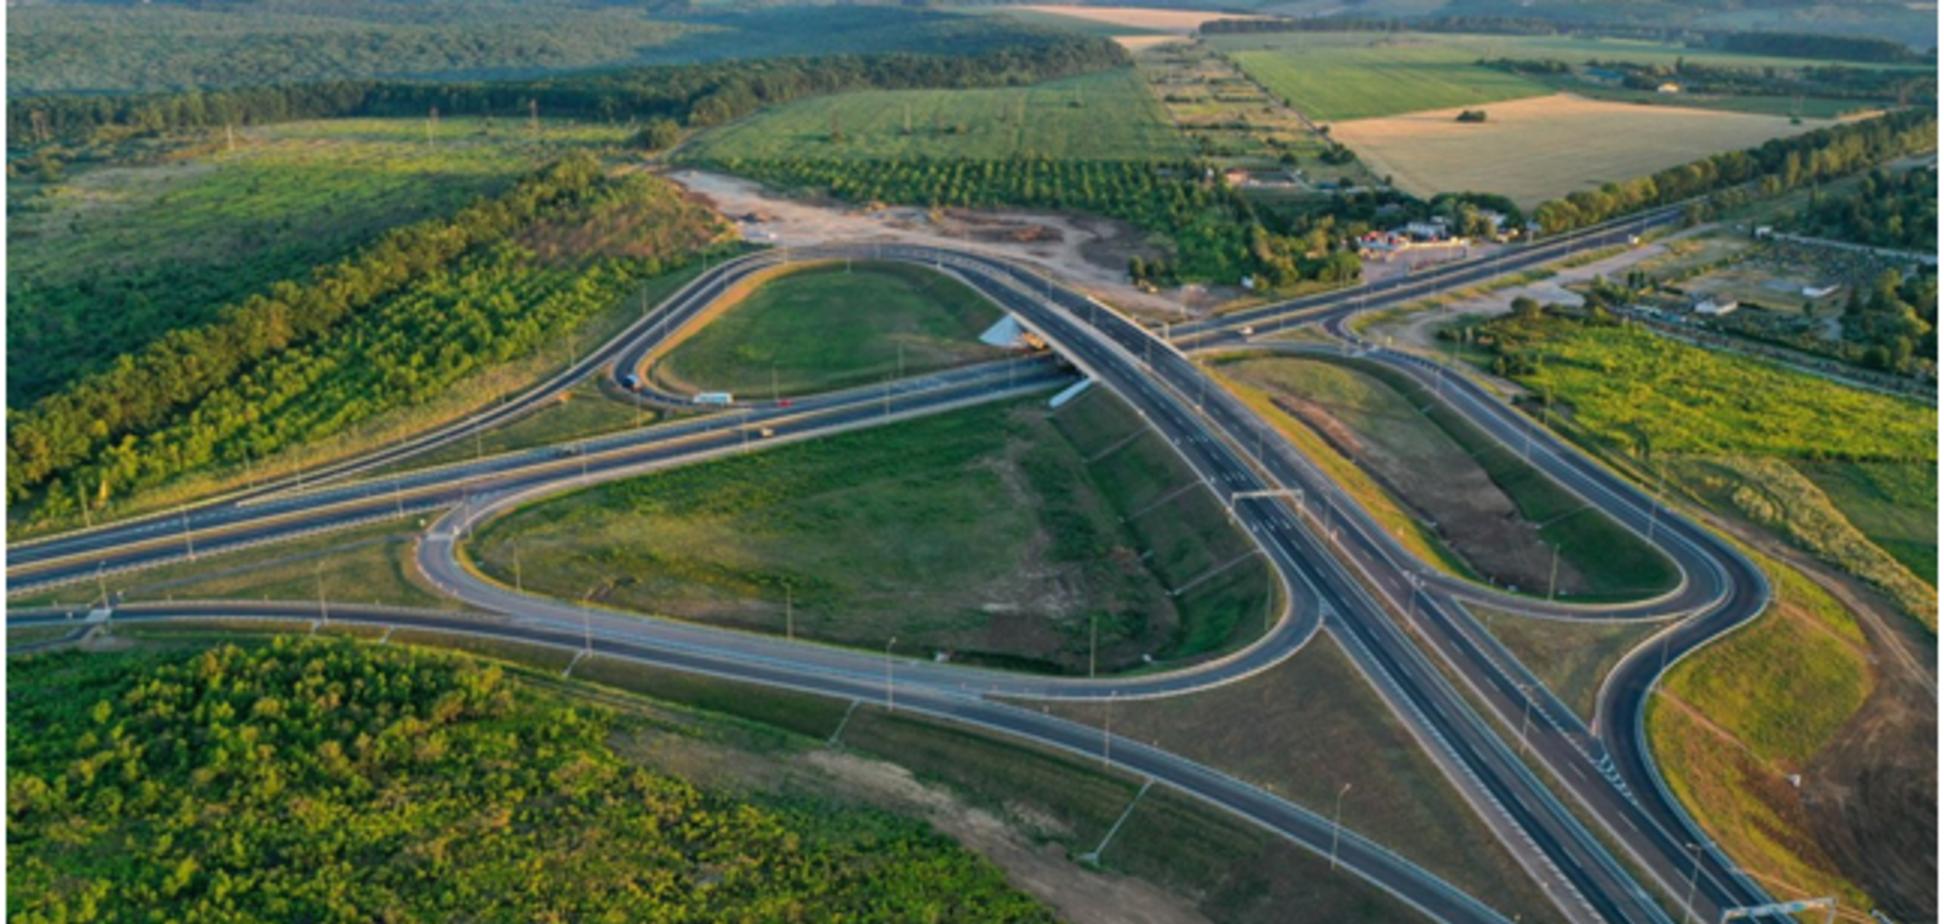 Укравтодор вводит новые правила безопасности для 'Большой стройки' дорог